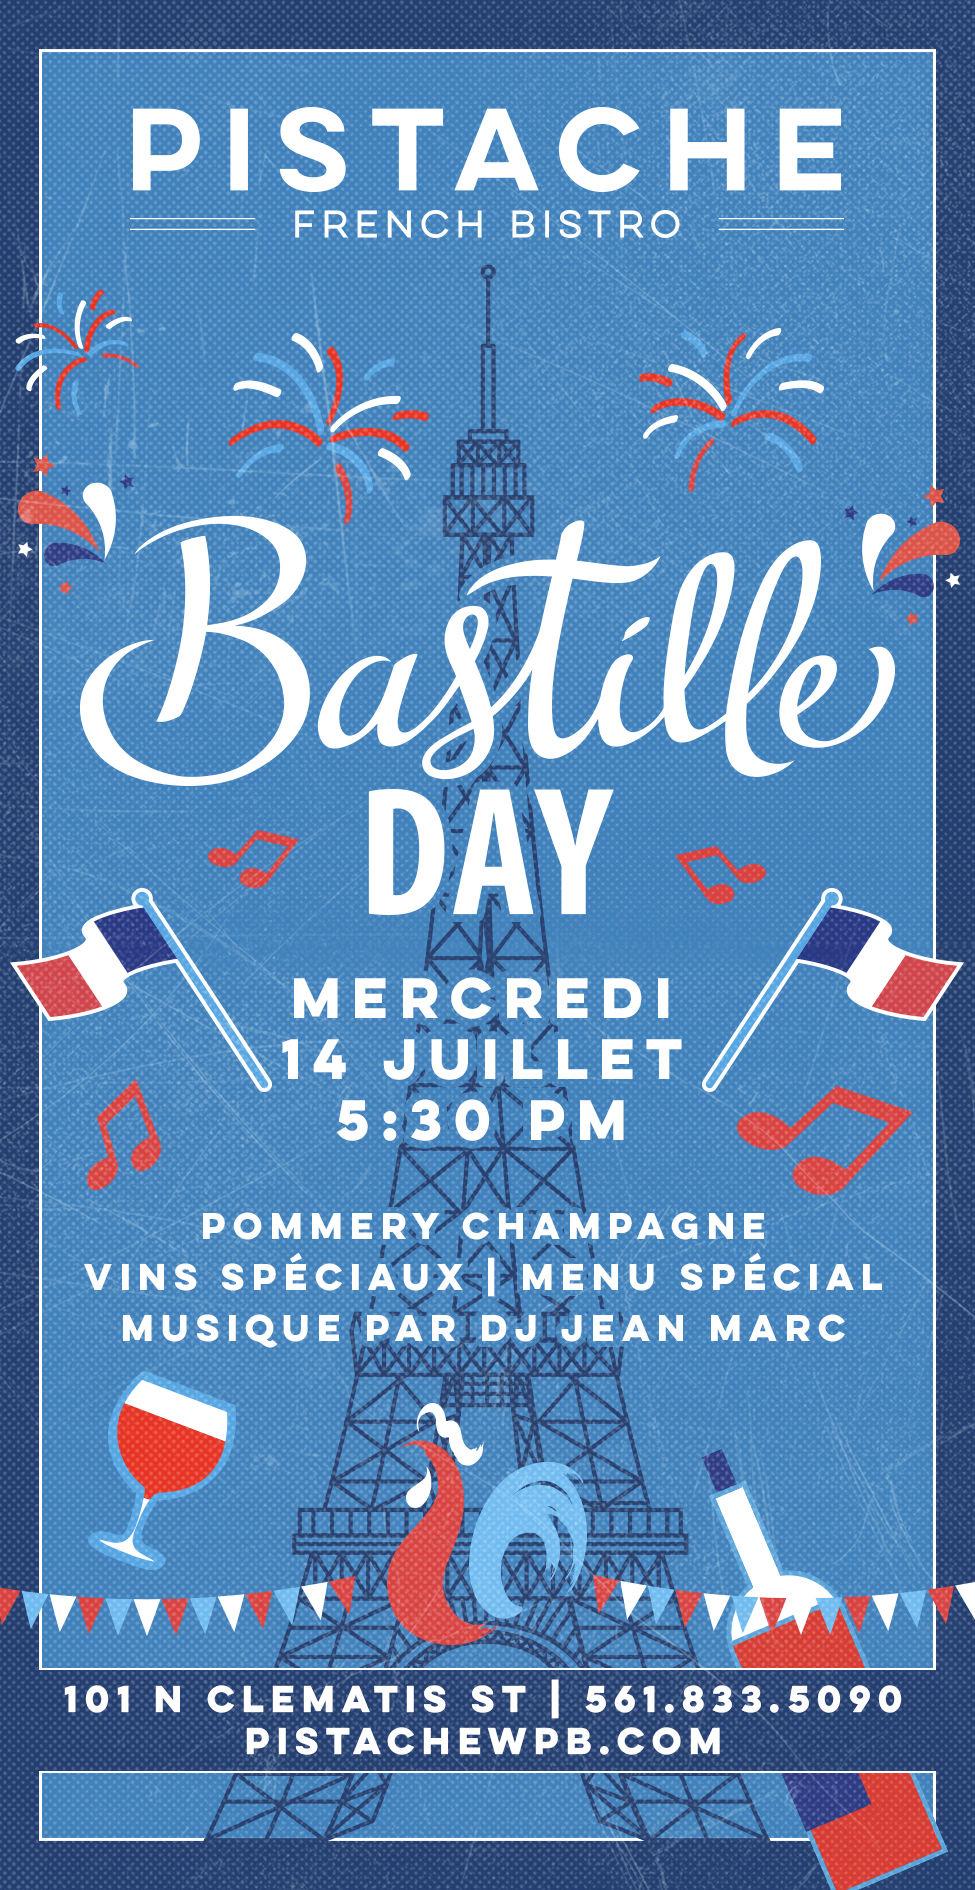 14 juillet : venez fêter Bastille Day en Floride !